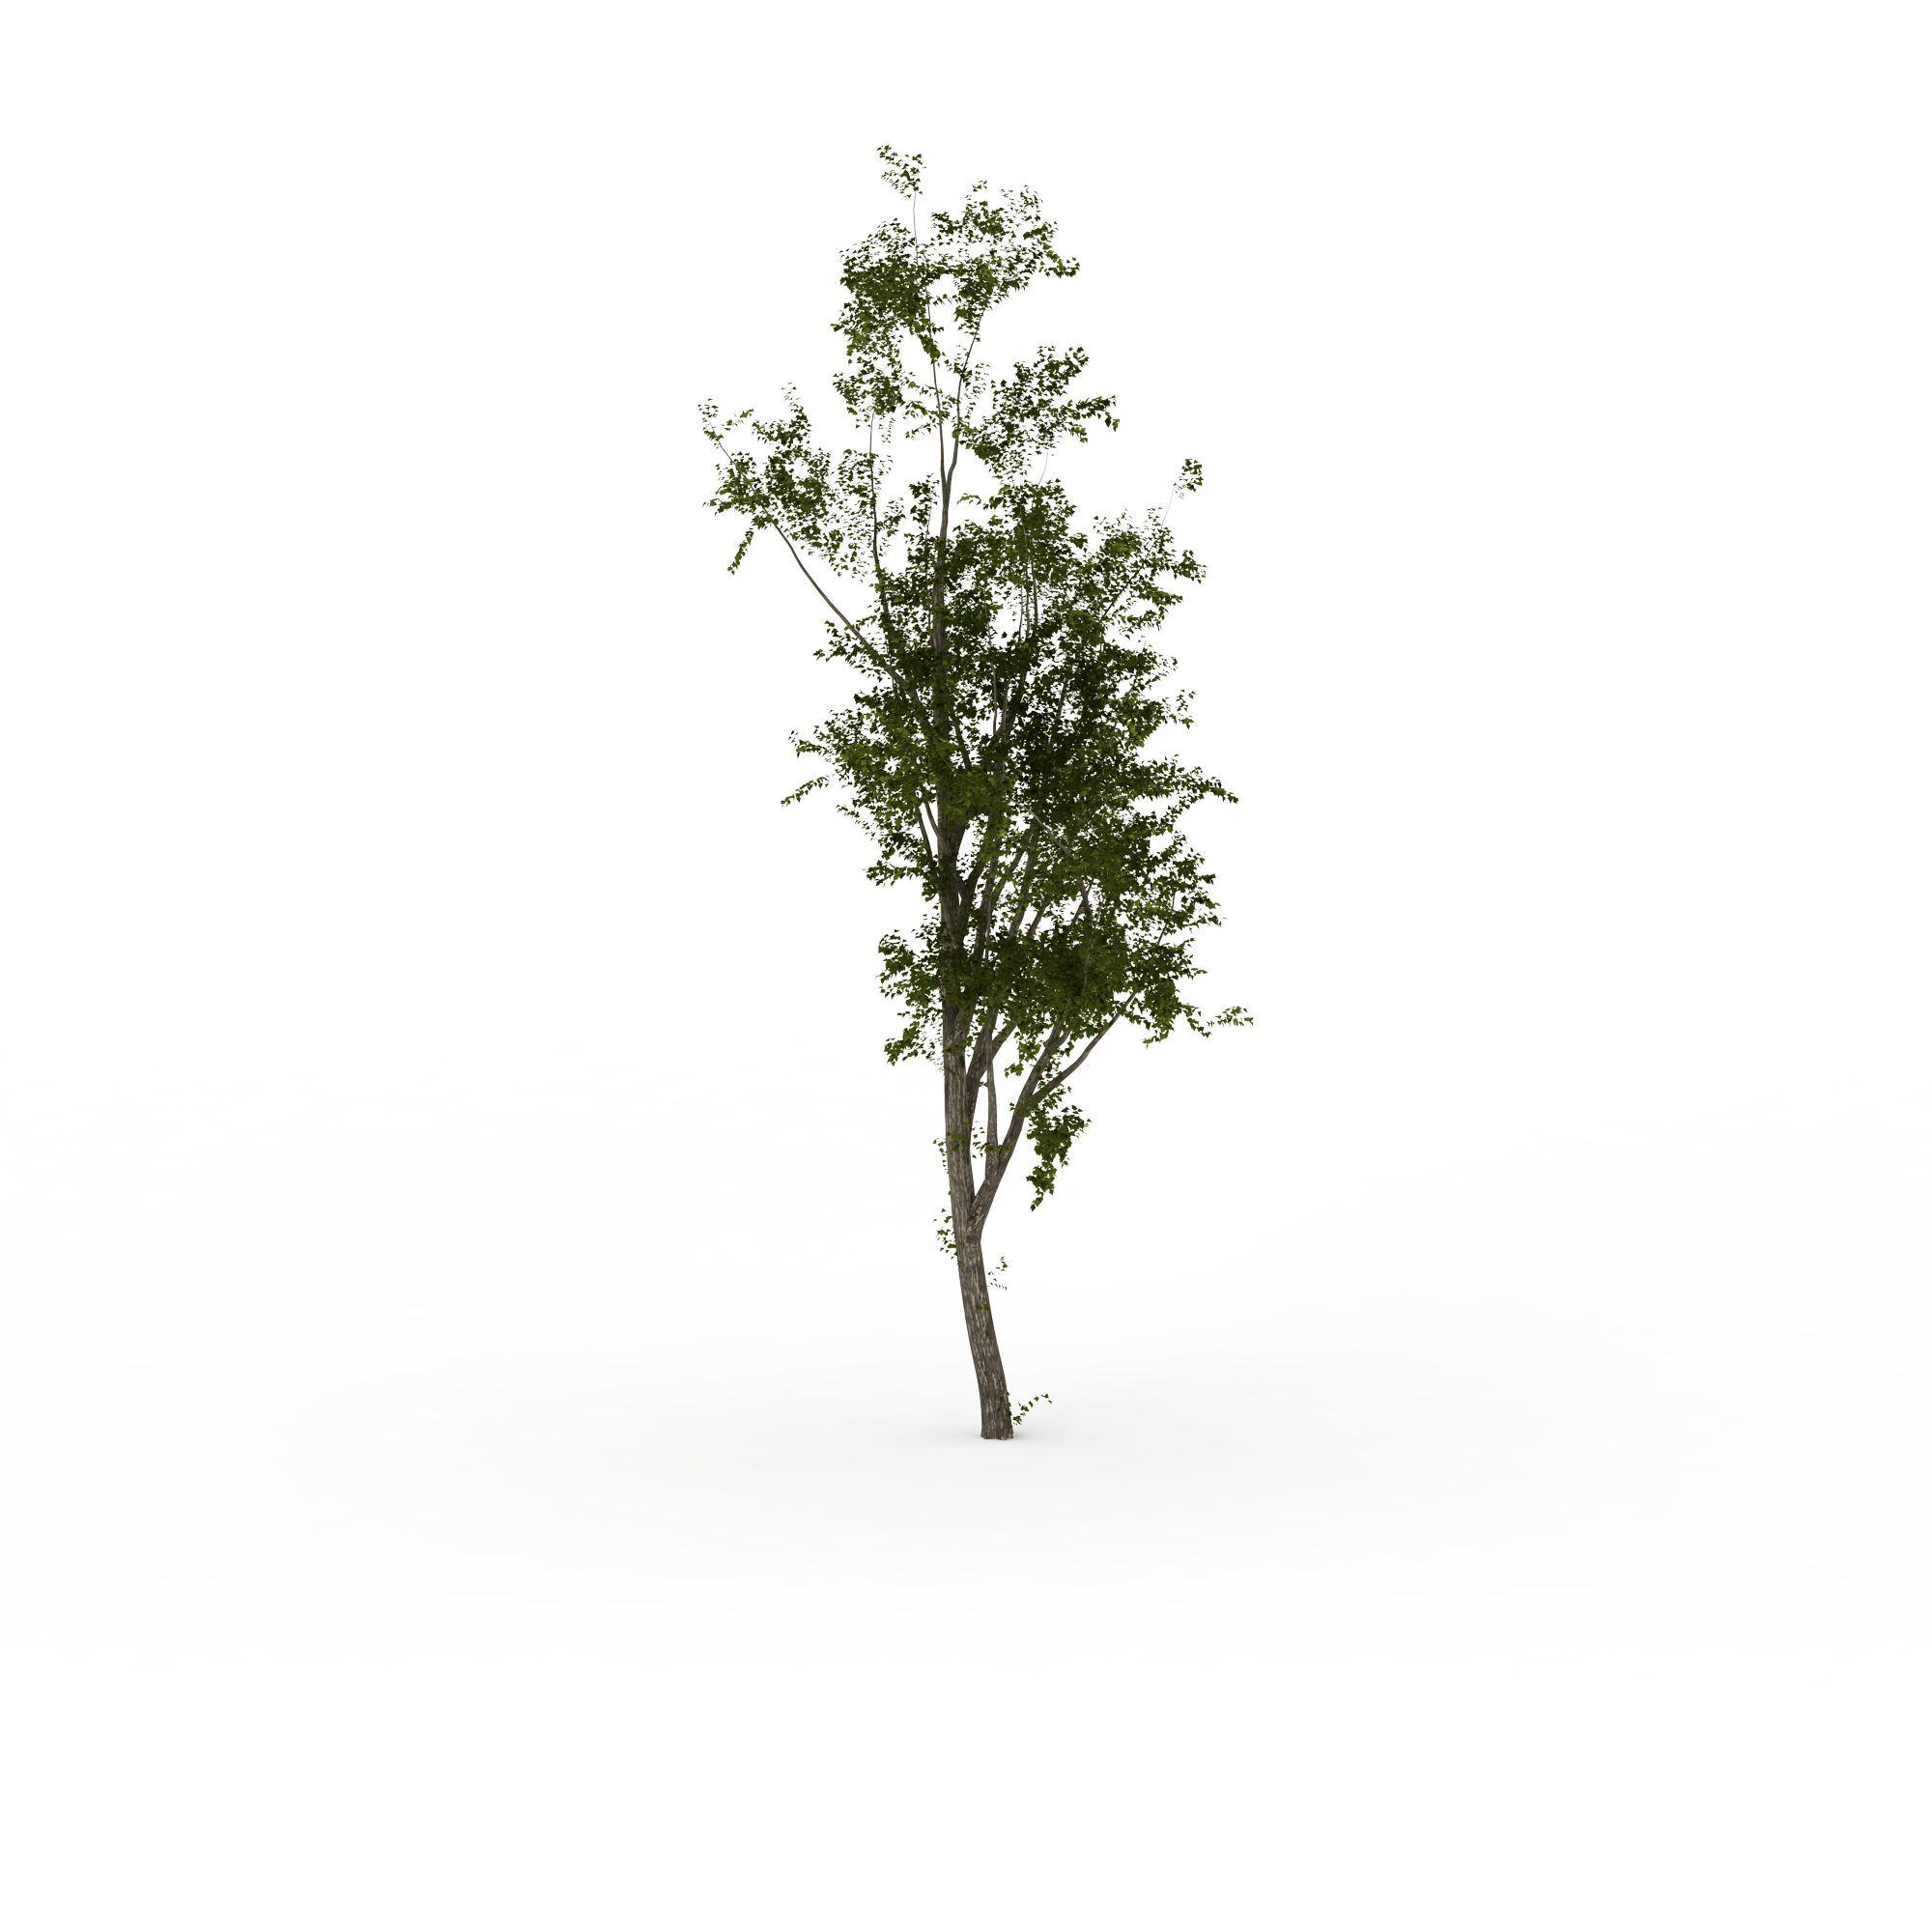 植物 树 槐树3d模型 槐树png高清图  槐树高清图详情 设计师 3d学院